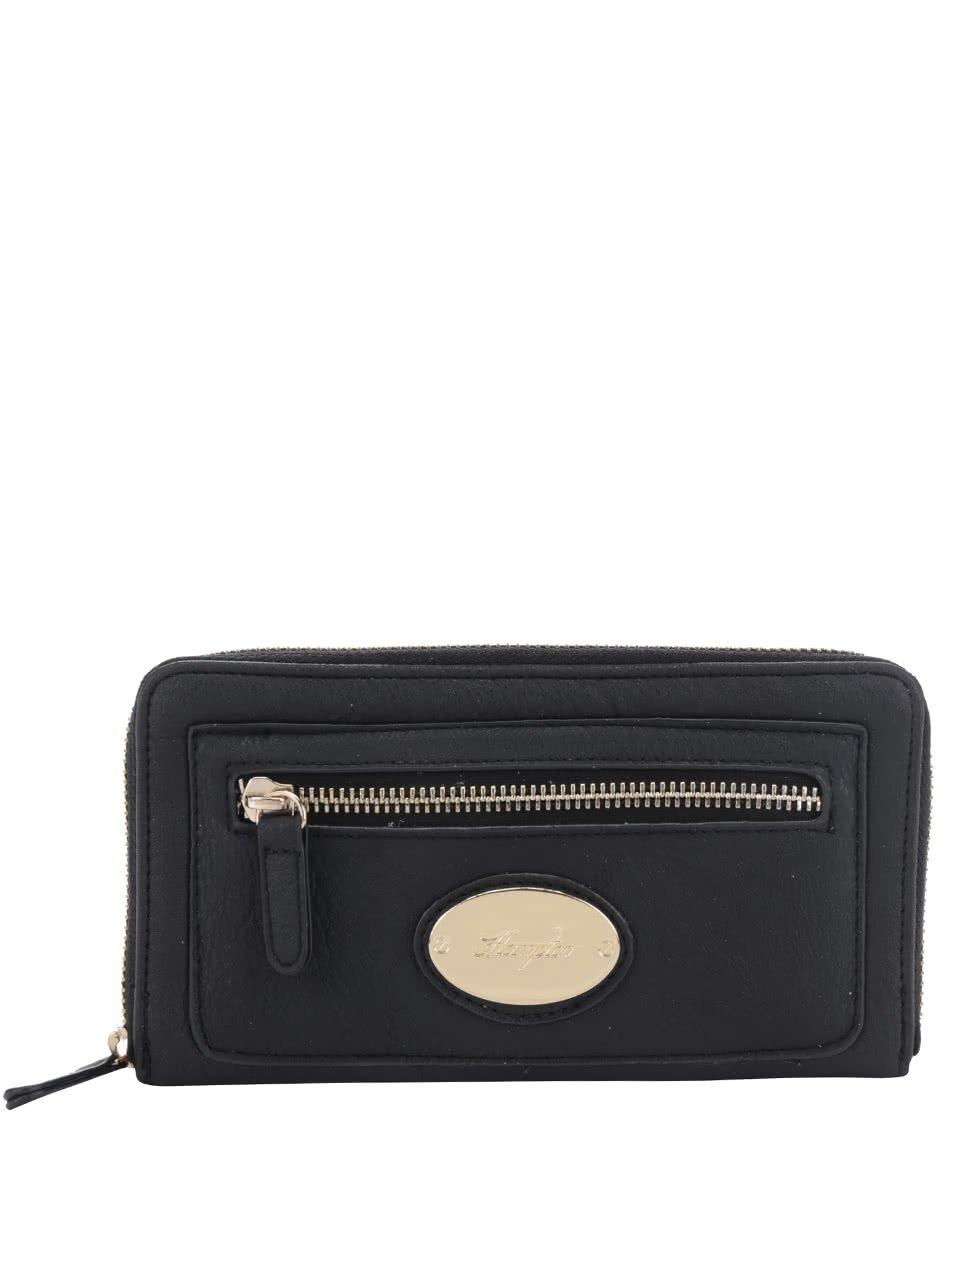 Černá peněženka s detaily ve zlaté barvě Hampton Rochelle